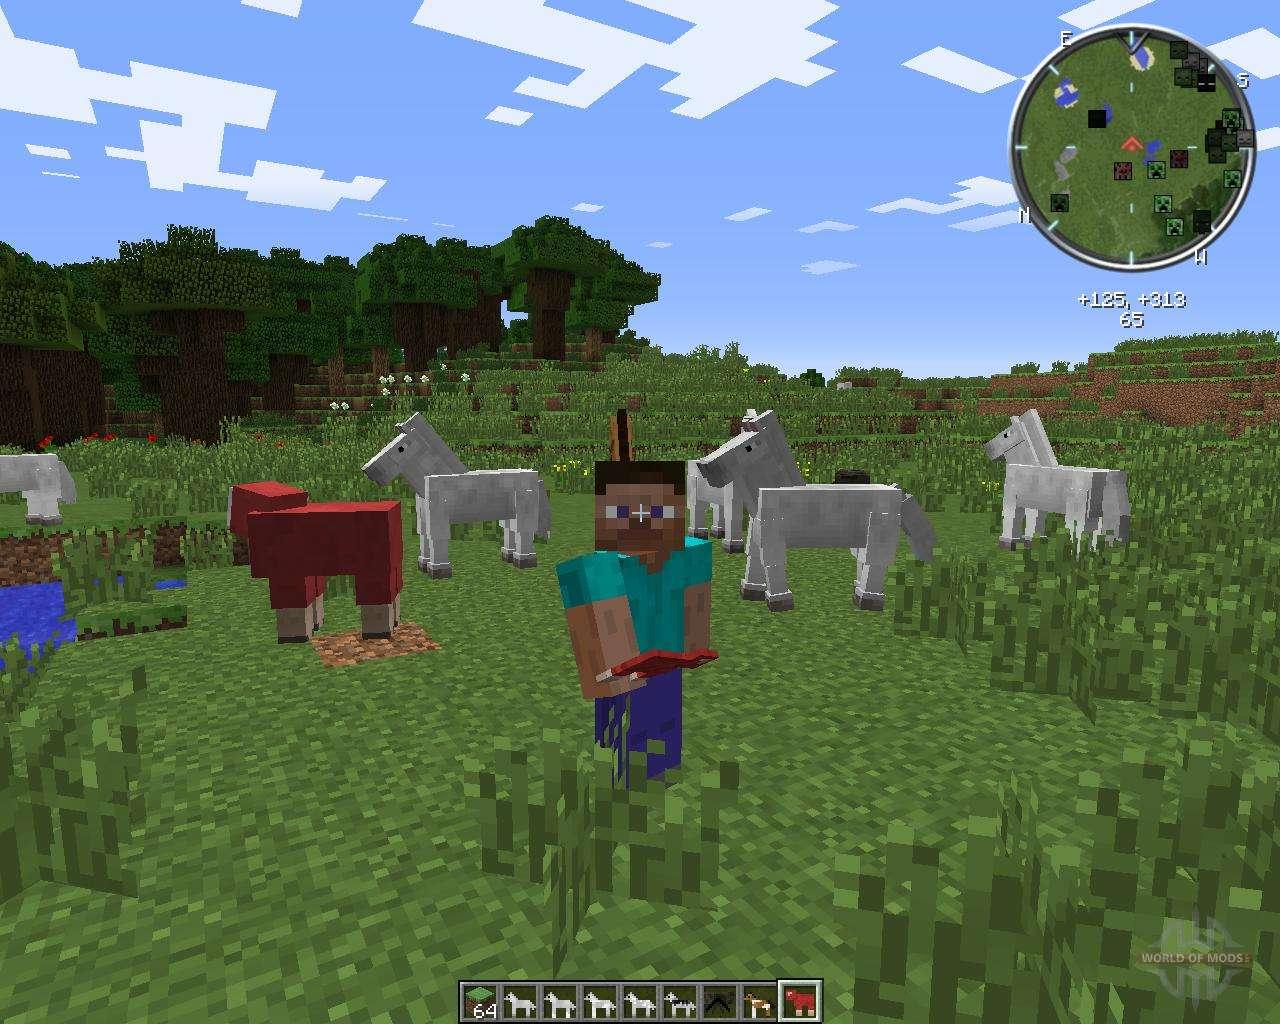 Скачать мод Hungry Animals для Майнкрафт 1.7.10 бесплатно ...